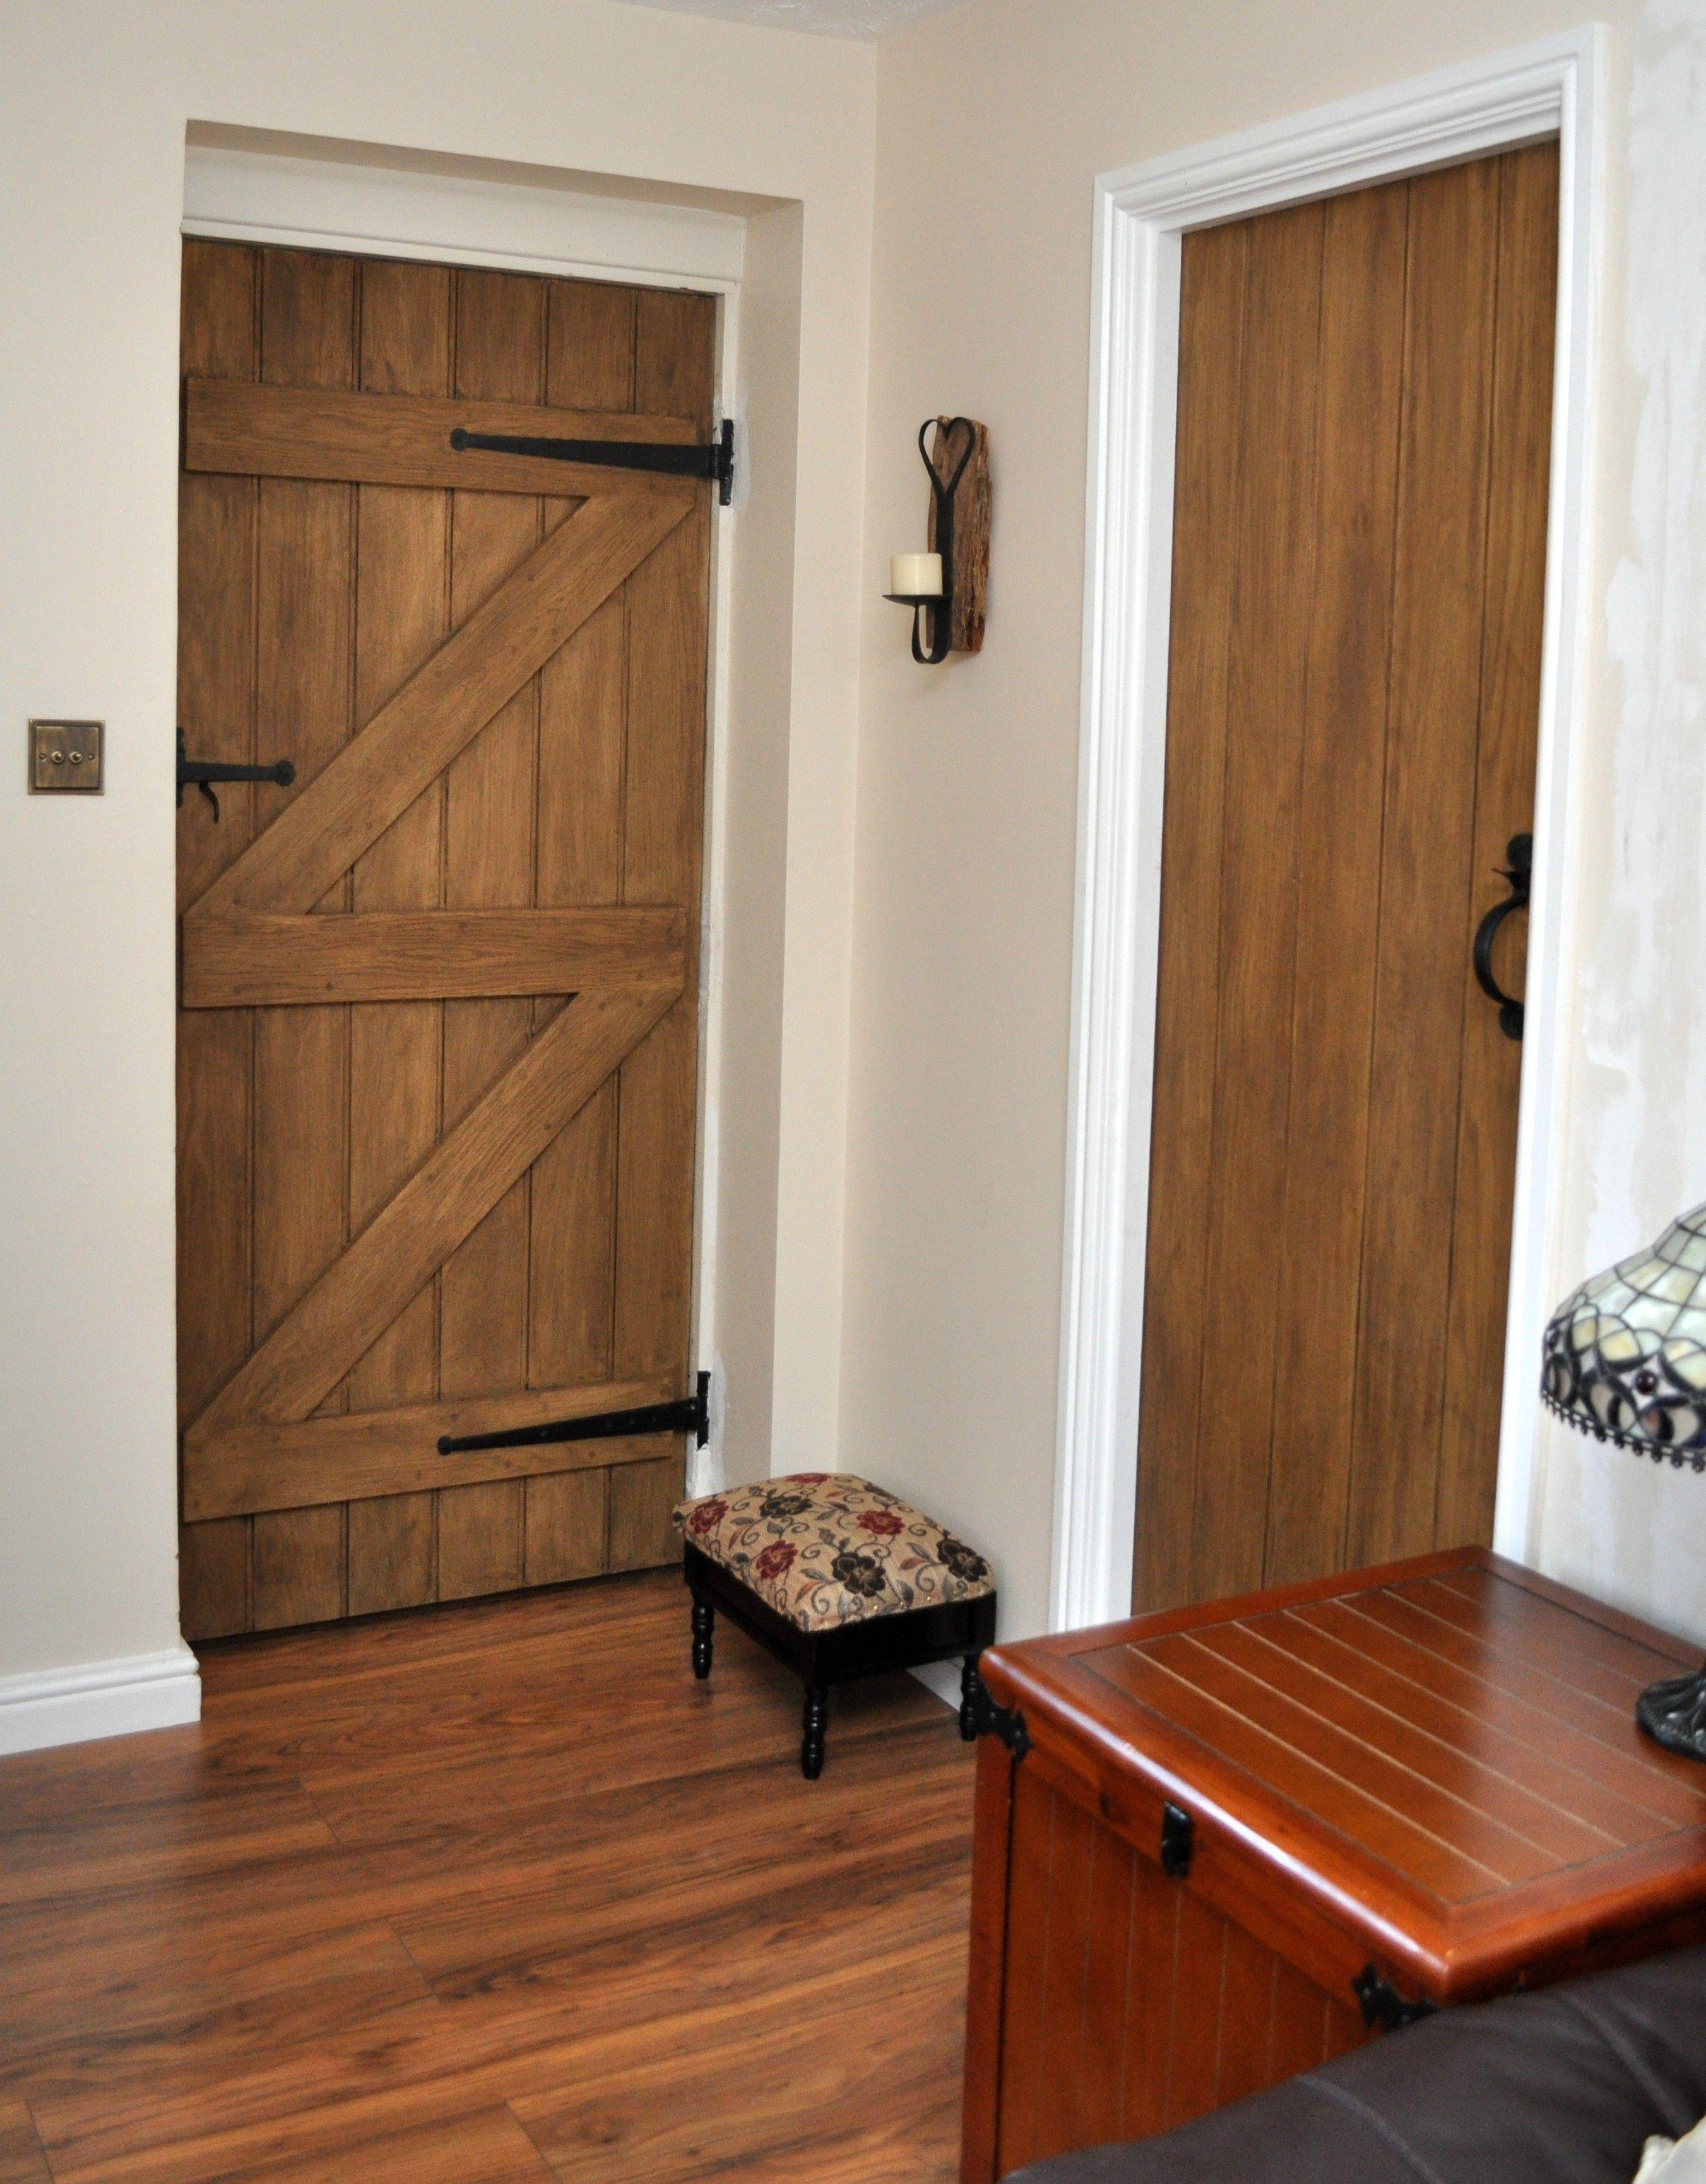 Solid Oak Ledge and Brace Doors